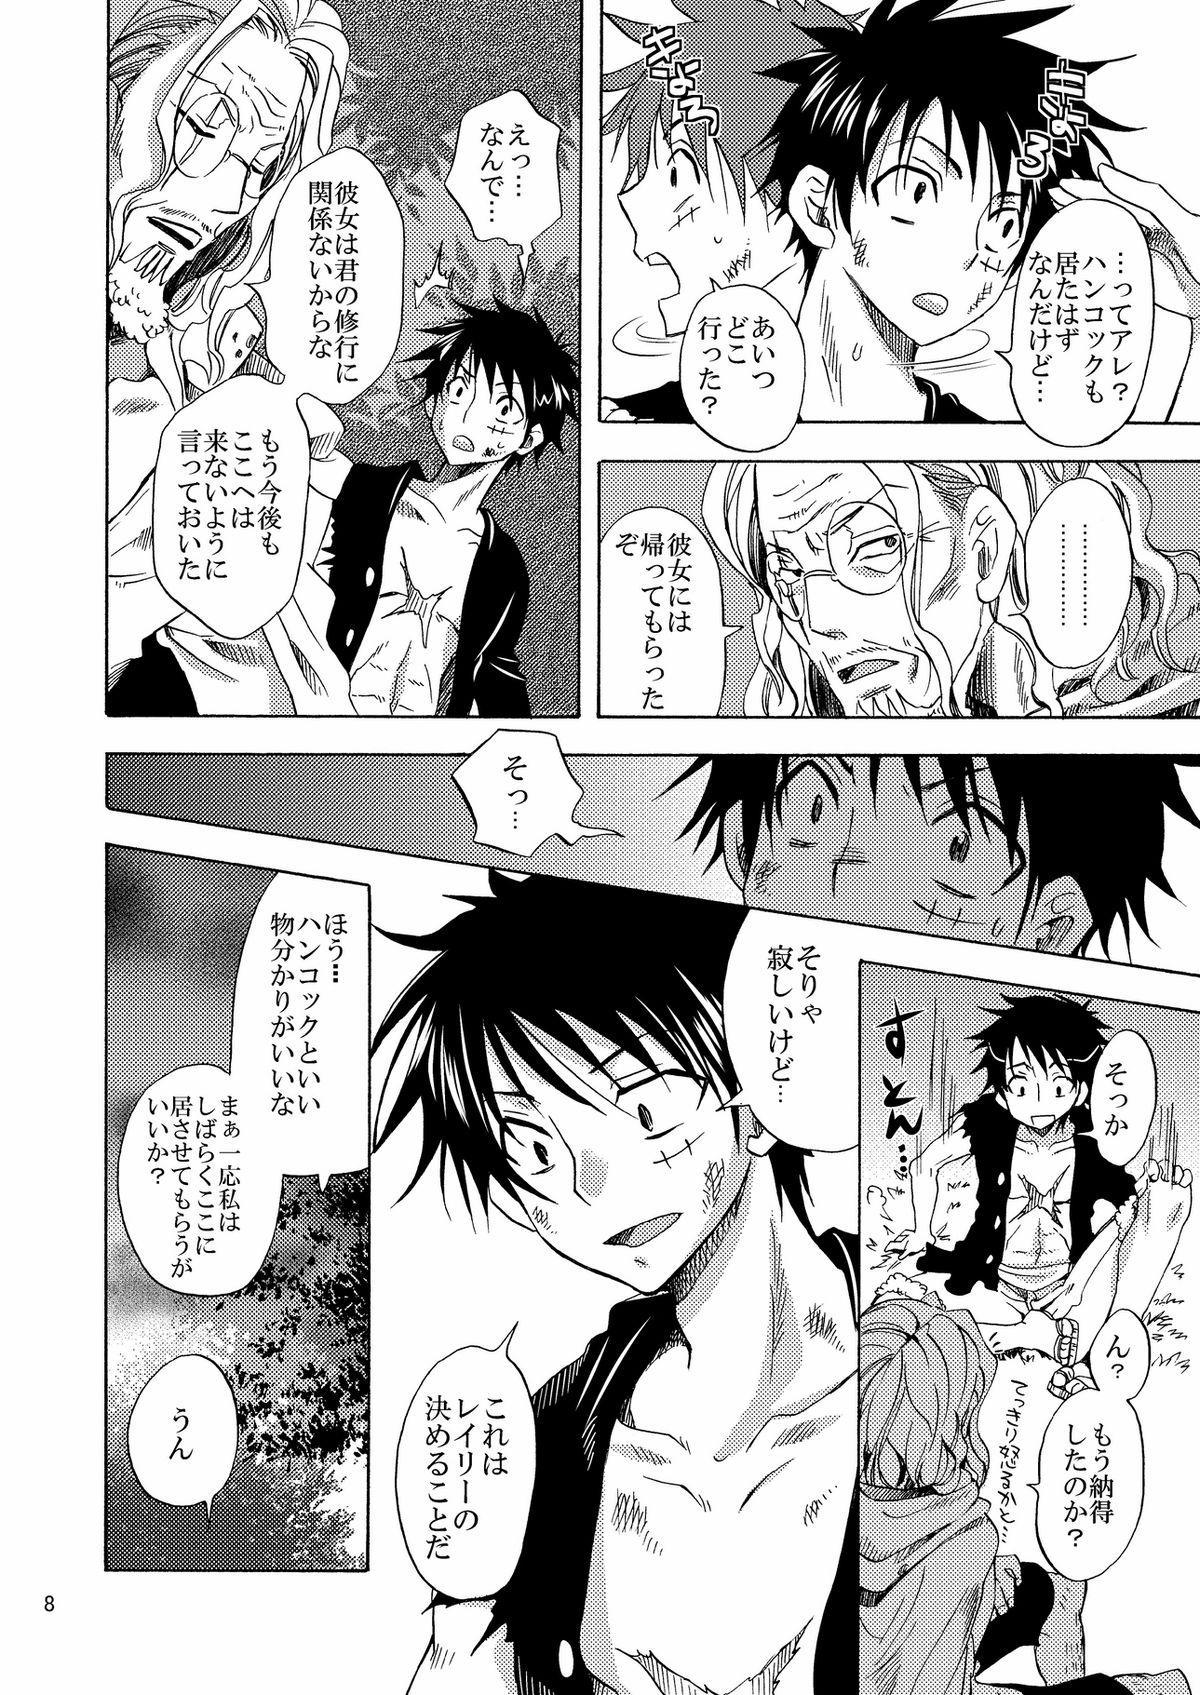 Nyougashima yori Warawa o Todoke ni Mairimasu! 7